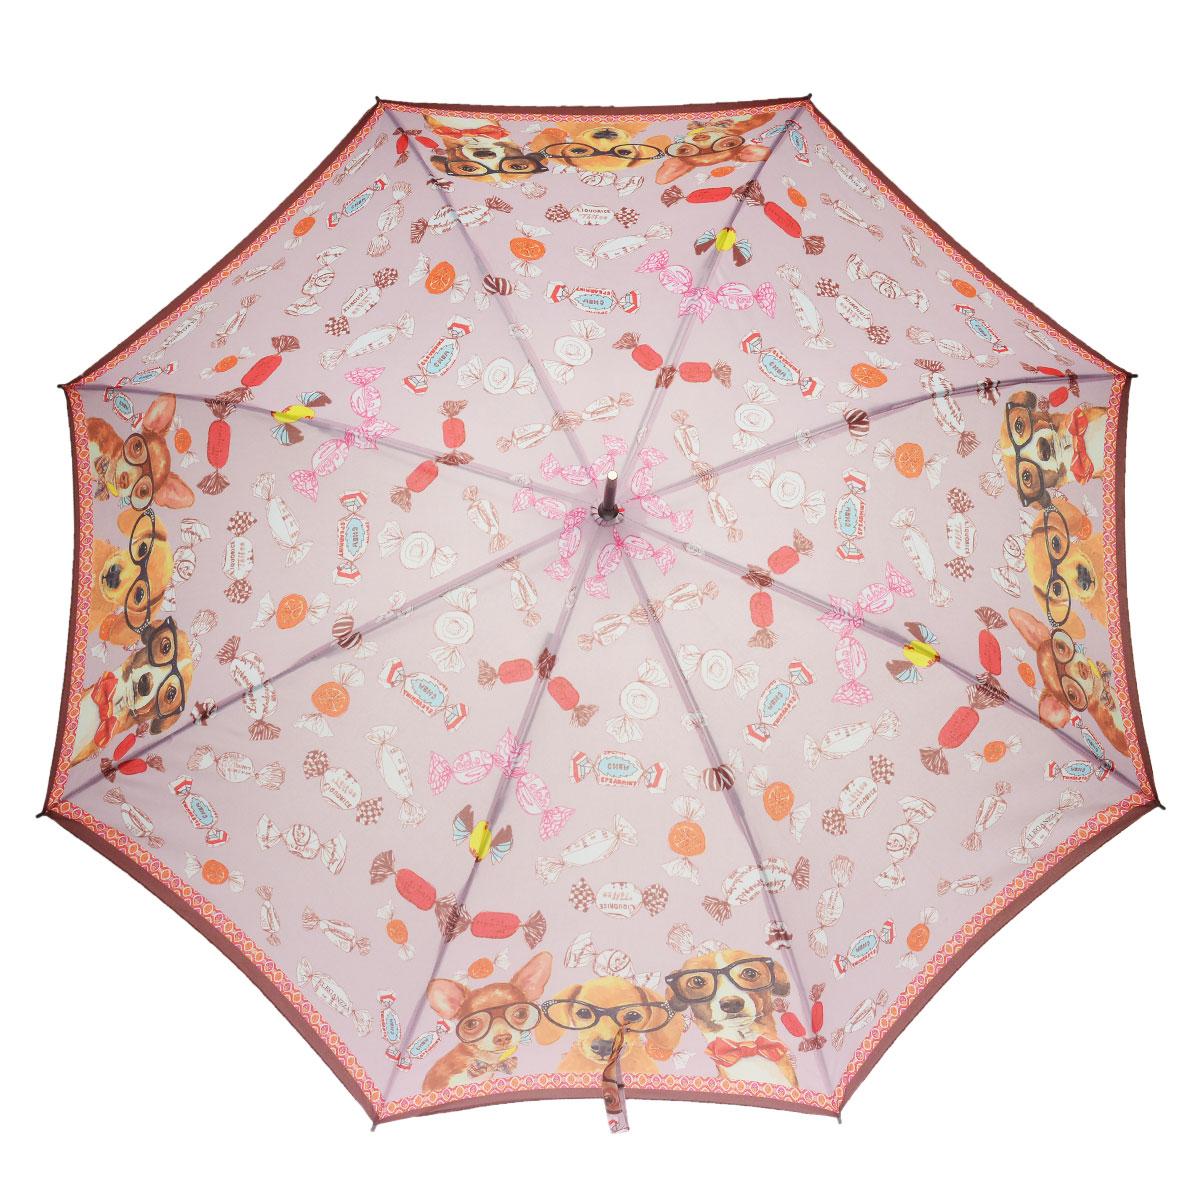 Зонт-трость женский Eleganzza, полуавтомат, цвет: коричневый, розовый. T-06-0298T-06-0298Стильный полуавтоматический зонт-трость Eleganzza даже в ненастную погоду позволит вам оставаться элегантной. Каркас зонта выполнен из 8 спиц из фибергласса, стержень стальной. Купол зонта изготовлен прочного полиэстера и эпонжа, украшен ироничным принтом. Закрытый купол застегивается на кнопку хлястиком с фирменной символикой на металлическом декоративном элементе. Эффектная глянцевая рукоятка закругленной формы разработана с учетом требований эргономики и выполнена из акрила. Зонт имеет полуавтоматический механизм сложения: купол открывается нажатием кнопки на рукоятке, а закрывается вручную до характерного щелчка. Такой зонт не только надежно защитит вас от дождя, но и станет стильным аксессуаром.